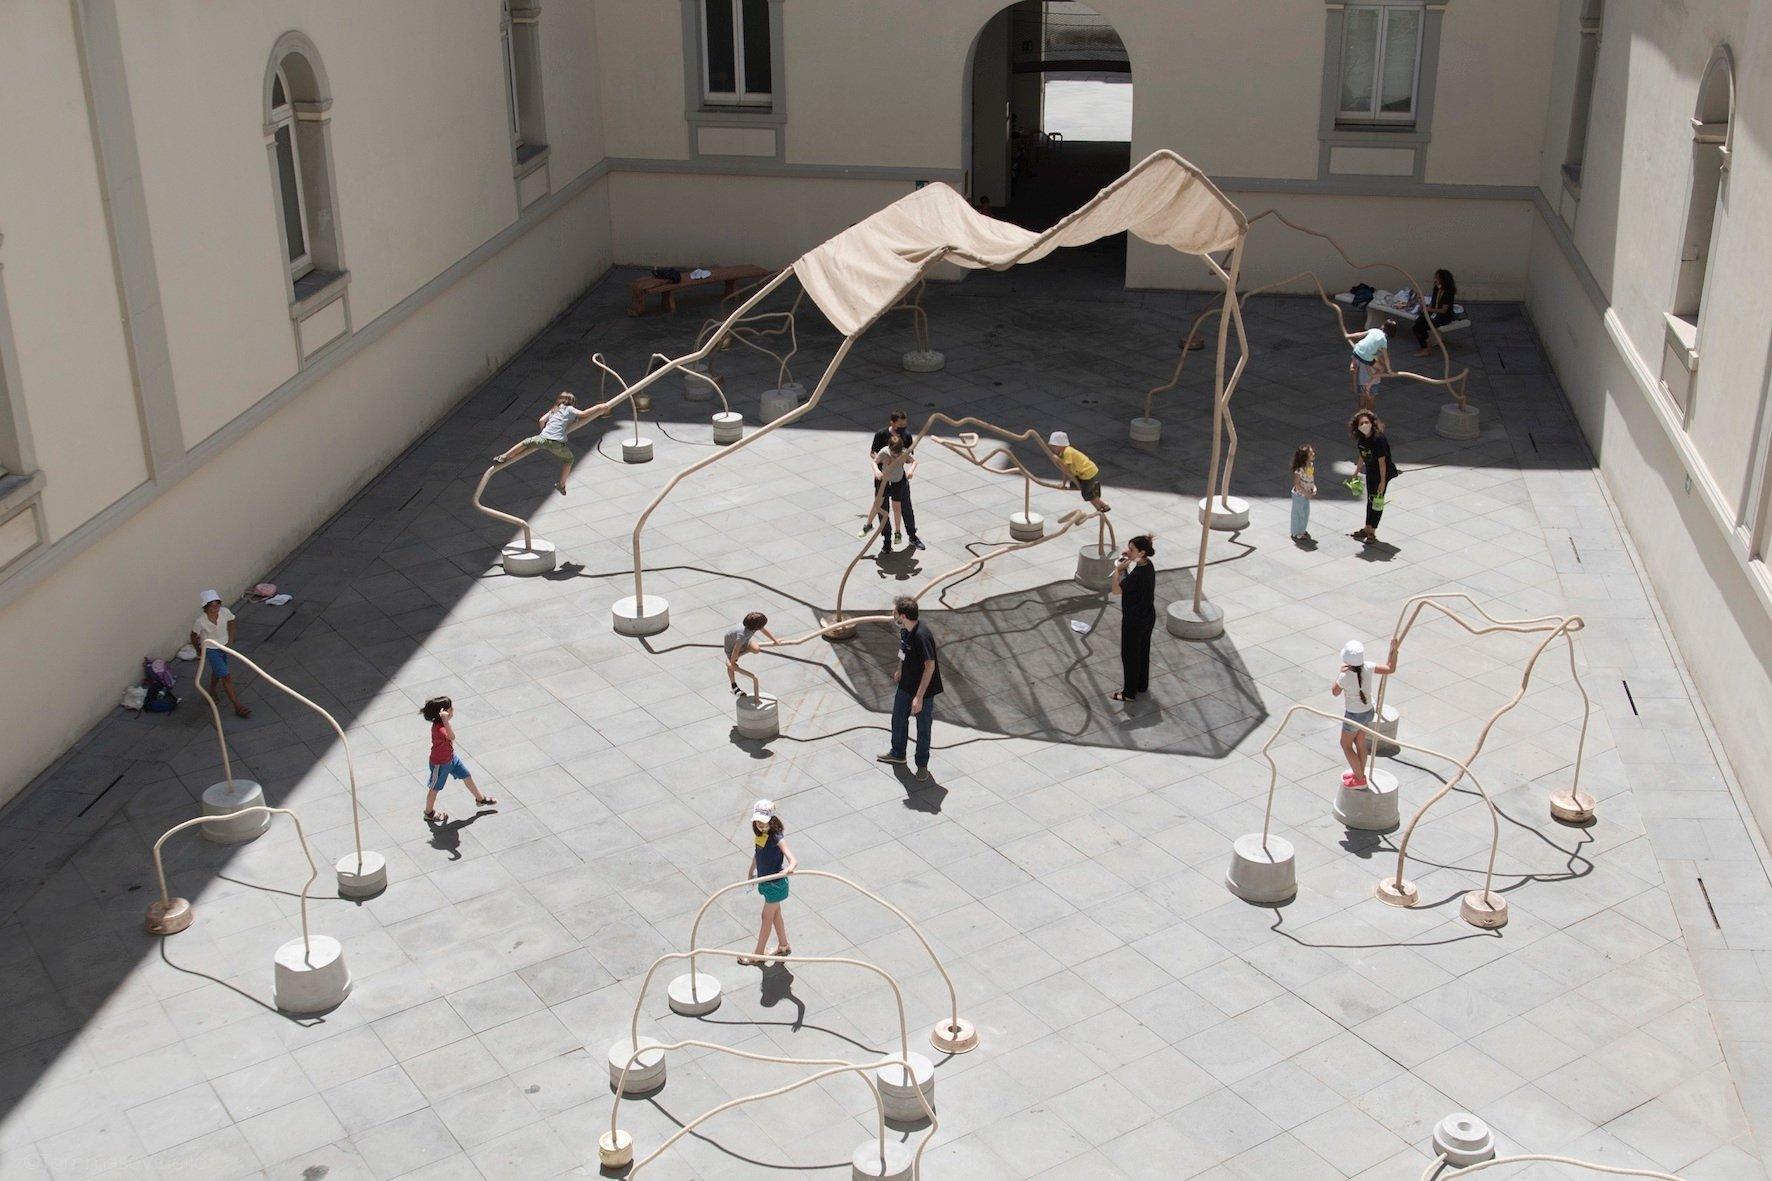 Giocherai nel quotidiano, correndo / You will play in the everyday, running - installazione di Temitayo Ogunbiyi al Madre di Napoli. Ph. Tommaso Vitiello